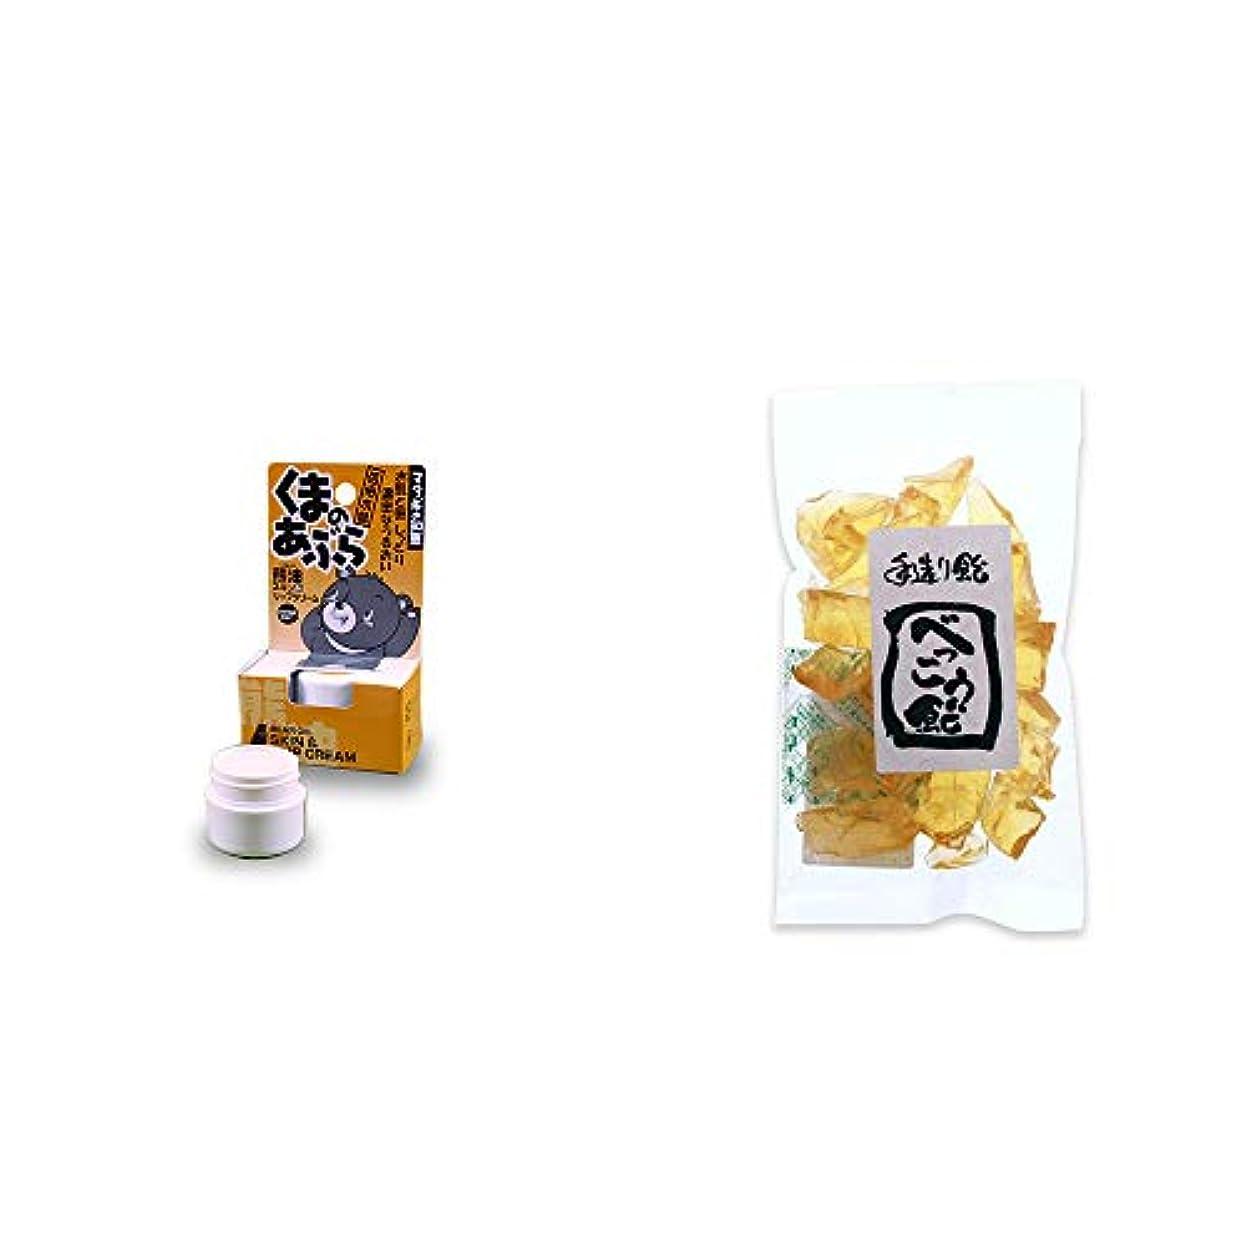 費やす安心させる顎[2点セット] 信州木曽 くまのあぶら 熊油スキン&リップクリーム(9g)?べっこう飴(160g)